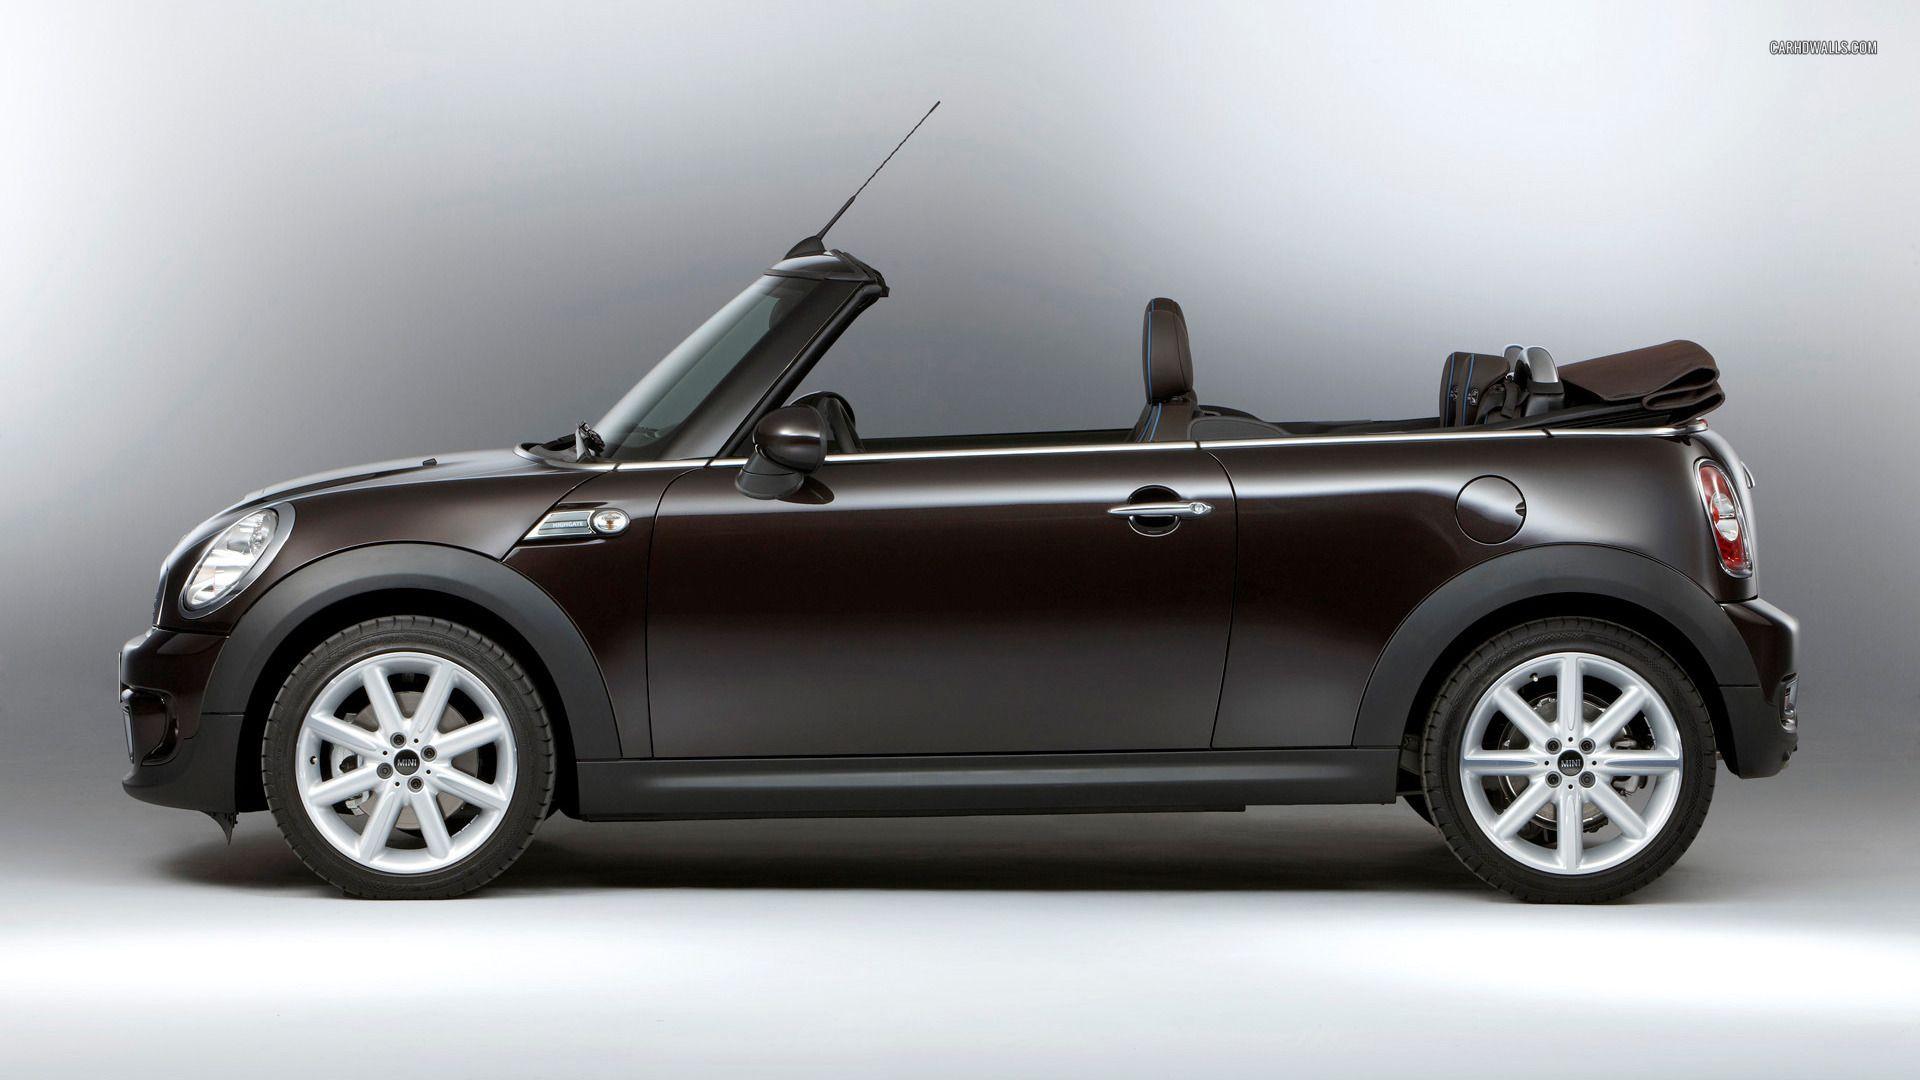 Mini Wallpaper Best small cars, John cooper works, Small